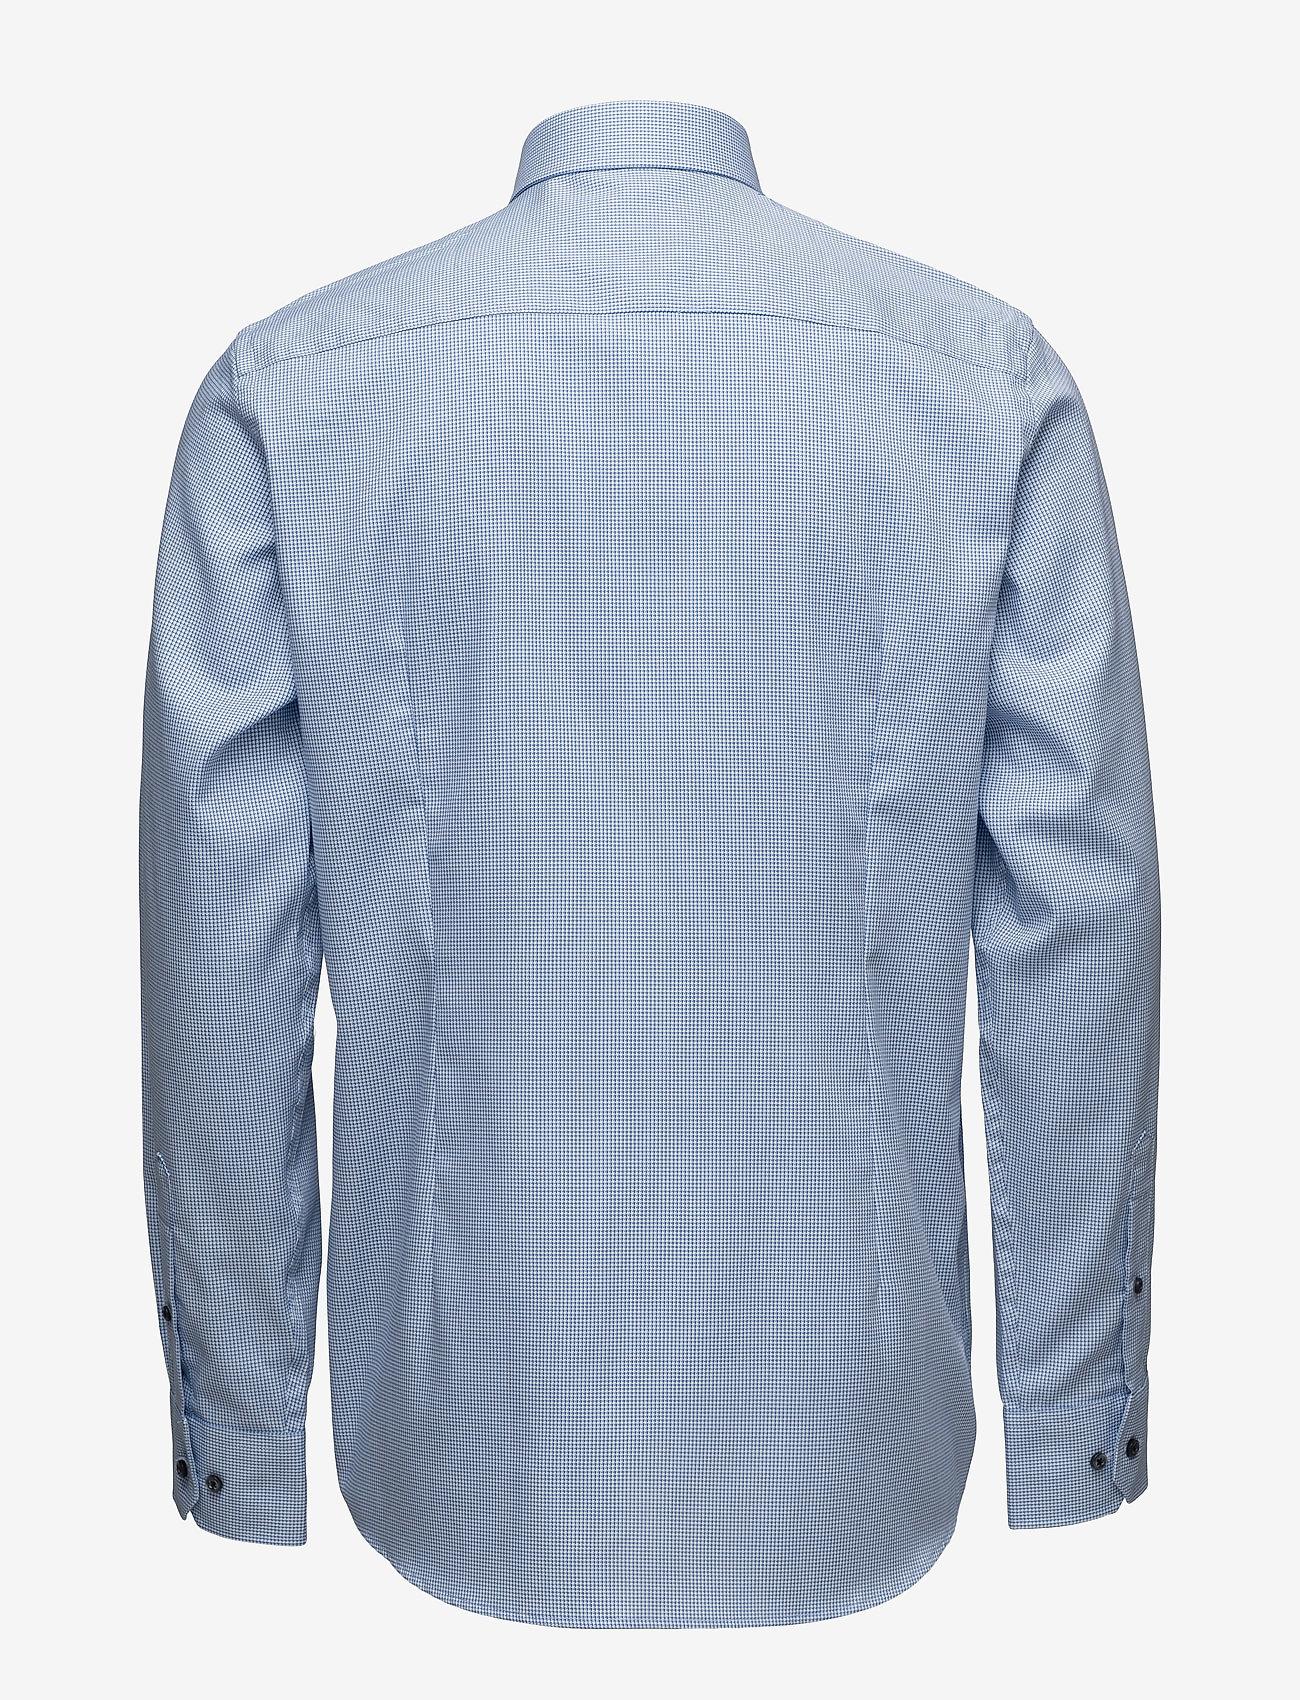 Armstrong (Blue Cutaway) (27.47 €) - Bruun & Stengade jjokp